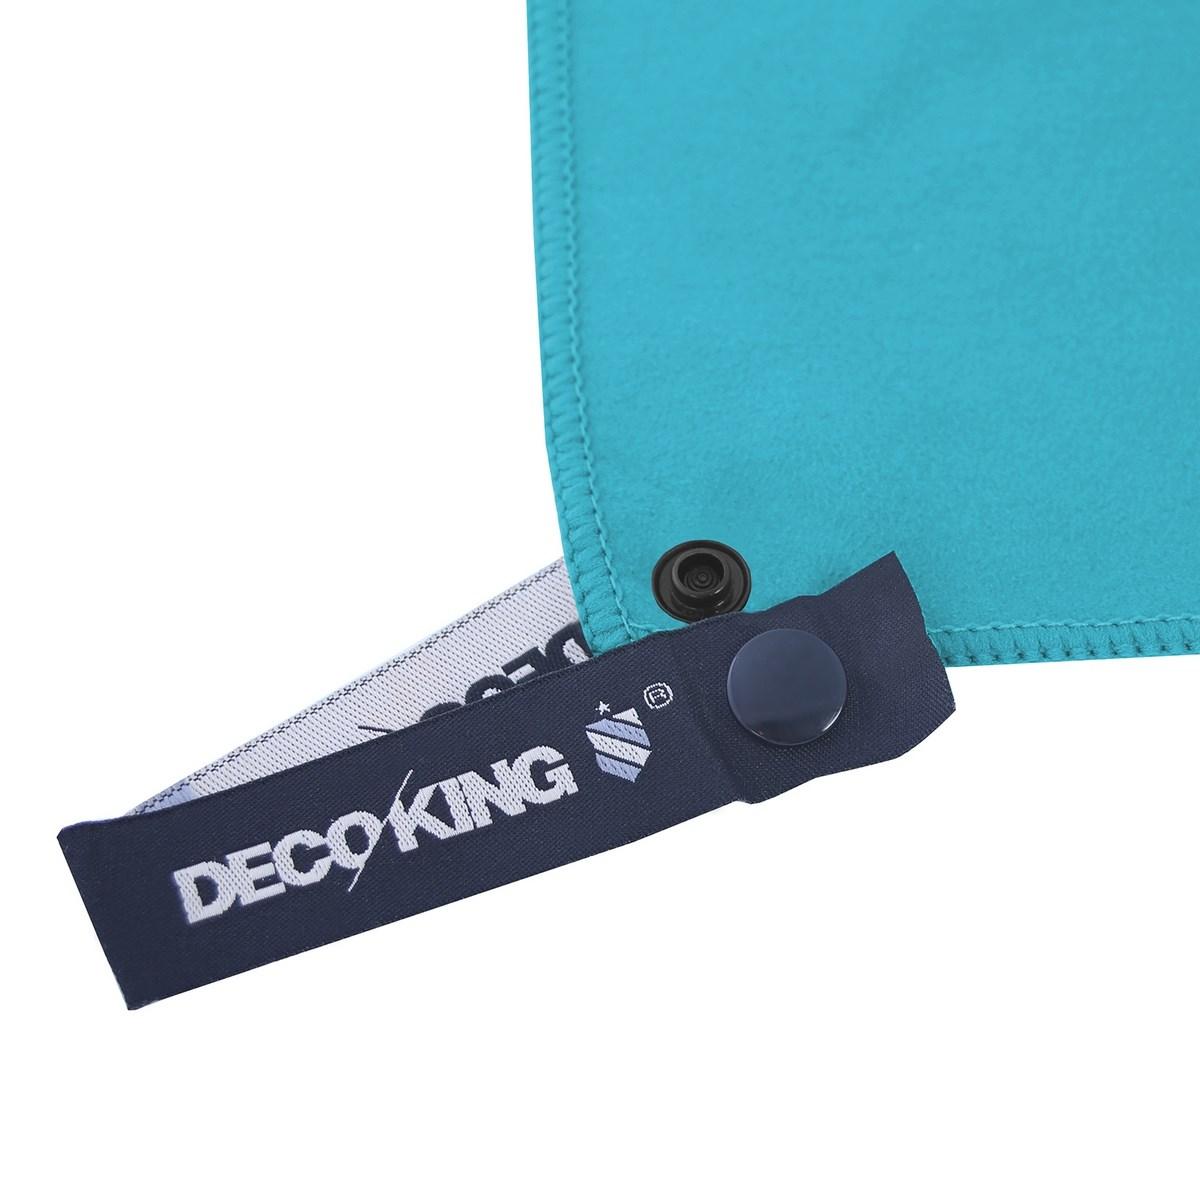 DecoKing Fitness Ekea törölköző türkiz 0e5e67f880